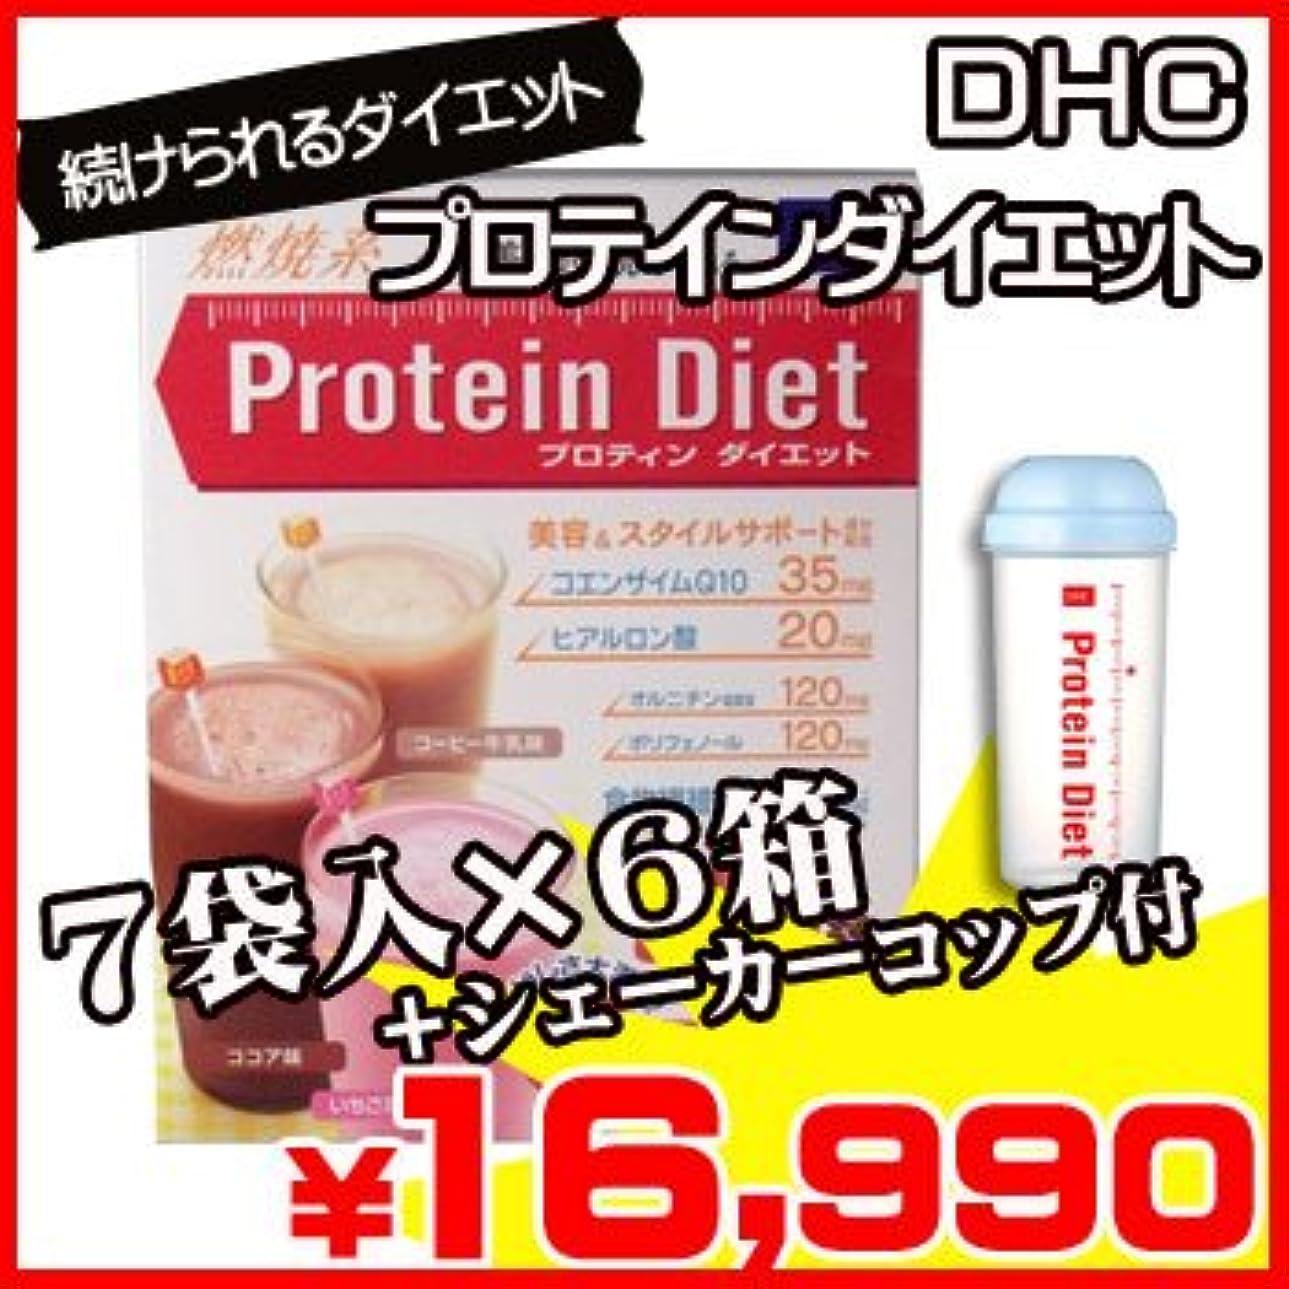 不毛主要な再びDHC プロティンダイエット 7袋入×6箱 シェーカー コップ付セット(プロティンダイエット開始セット)